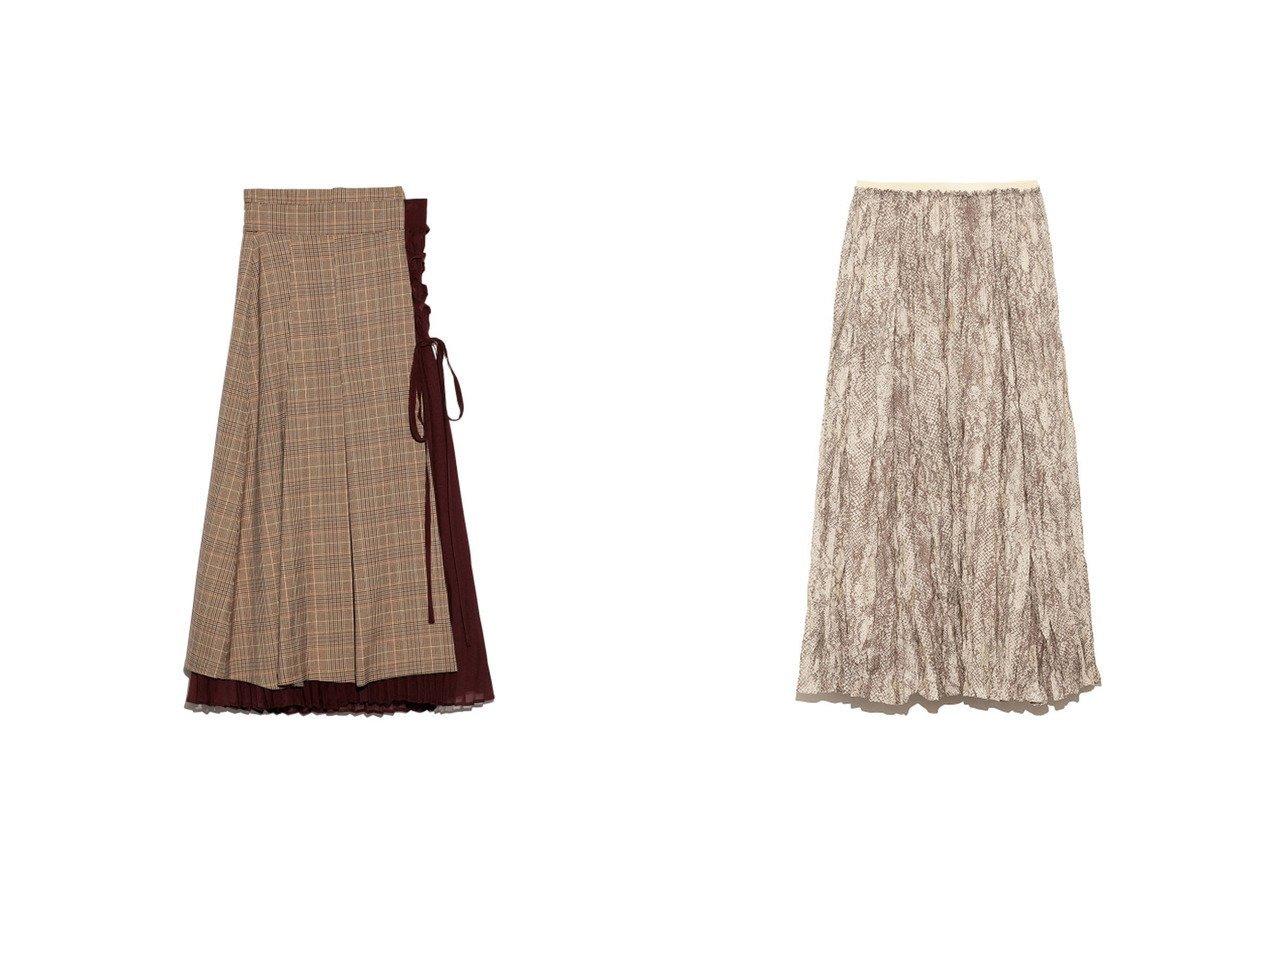 【Mila Owen/ミラオーウェン】のスリーピースシアーワッシャースカート&【Lily Brown/リリーブラウン】のチェック柄プリーツスカート スカートのおすすめ!人気、トレンド・レディースファッションの通販  おすすめで人気の流行・トレンド、ファッションの通販商品 メンズファッション・キッズファッション・インテリア・家具・レディースファッション・服の通販 founy(ファニー) https://founy.com/ ファッション Fashion レディースファッション WOMEN スカート Skirt プリーツスカート Pleated Skirts エレガント クラシカル コレクション シフォン スマート チェック ドッキング プリーツ ミックス レース A/W 秋冬 AW Autumn/Winter / FW Fall-Winter 2020年 2020 2020-2021 秋冬 A/W AW Autumn/Winter / FW Fall-Winter 2020-2021 セットアップ マキシ ワッシャー 雑誌 |ID:crp329100000009724